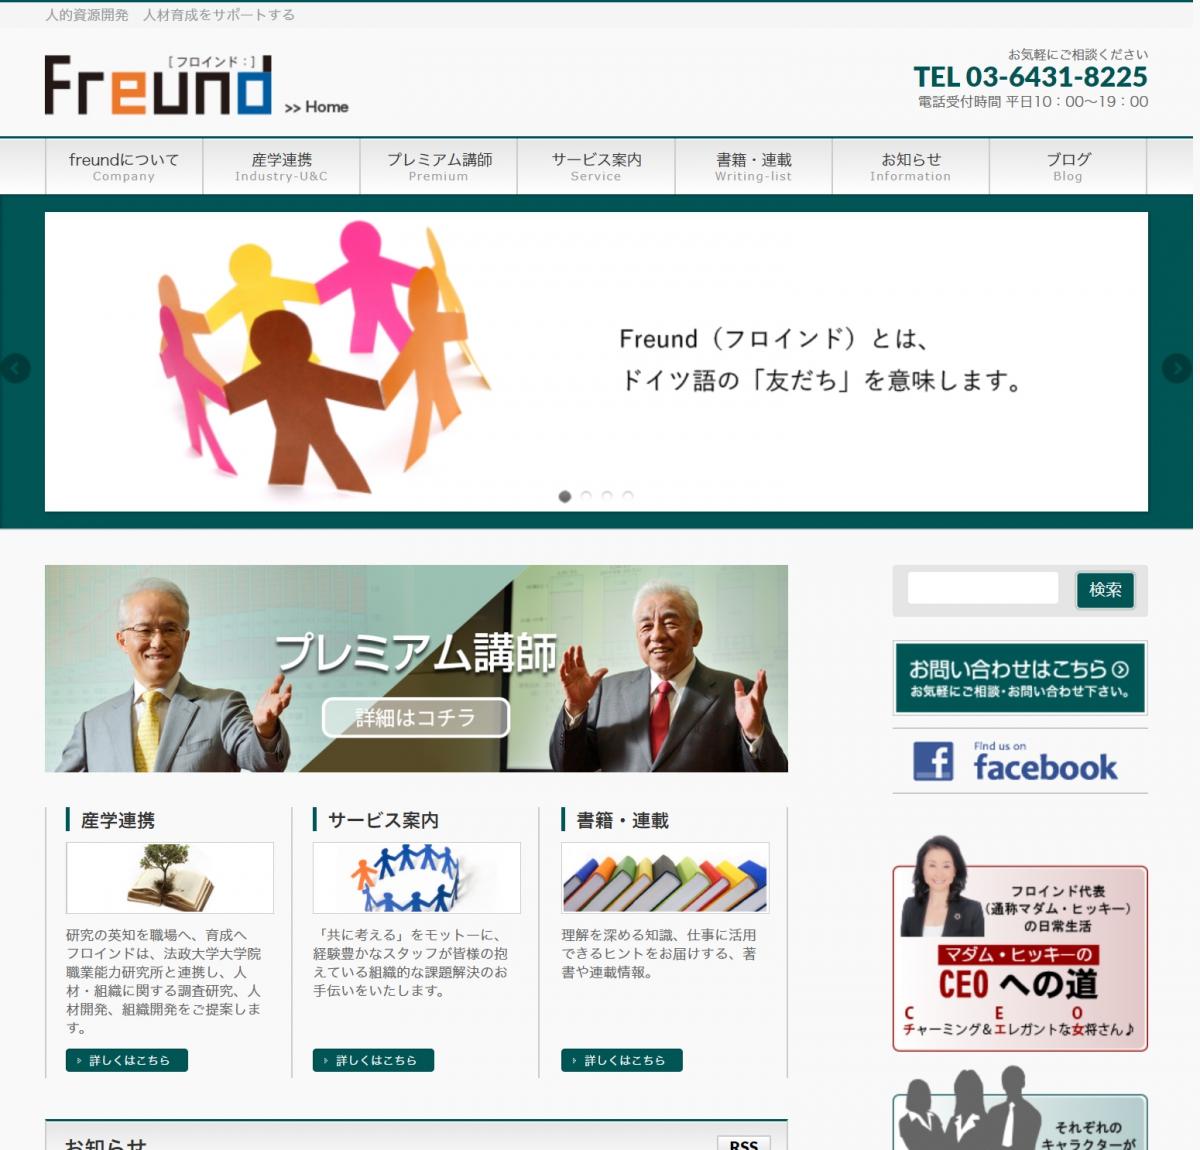 freundWebサイトトップページキャプチャ画像